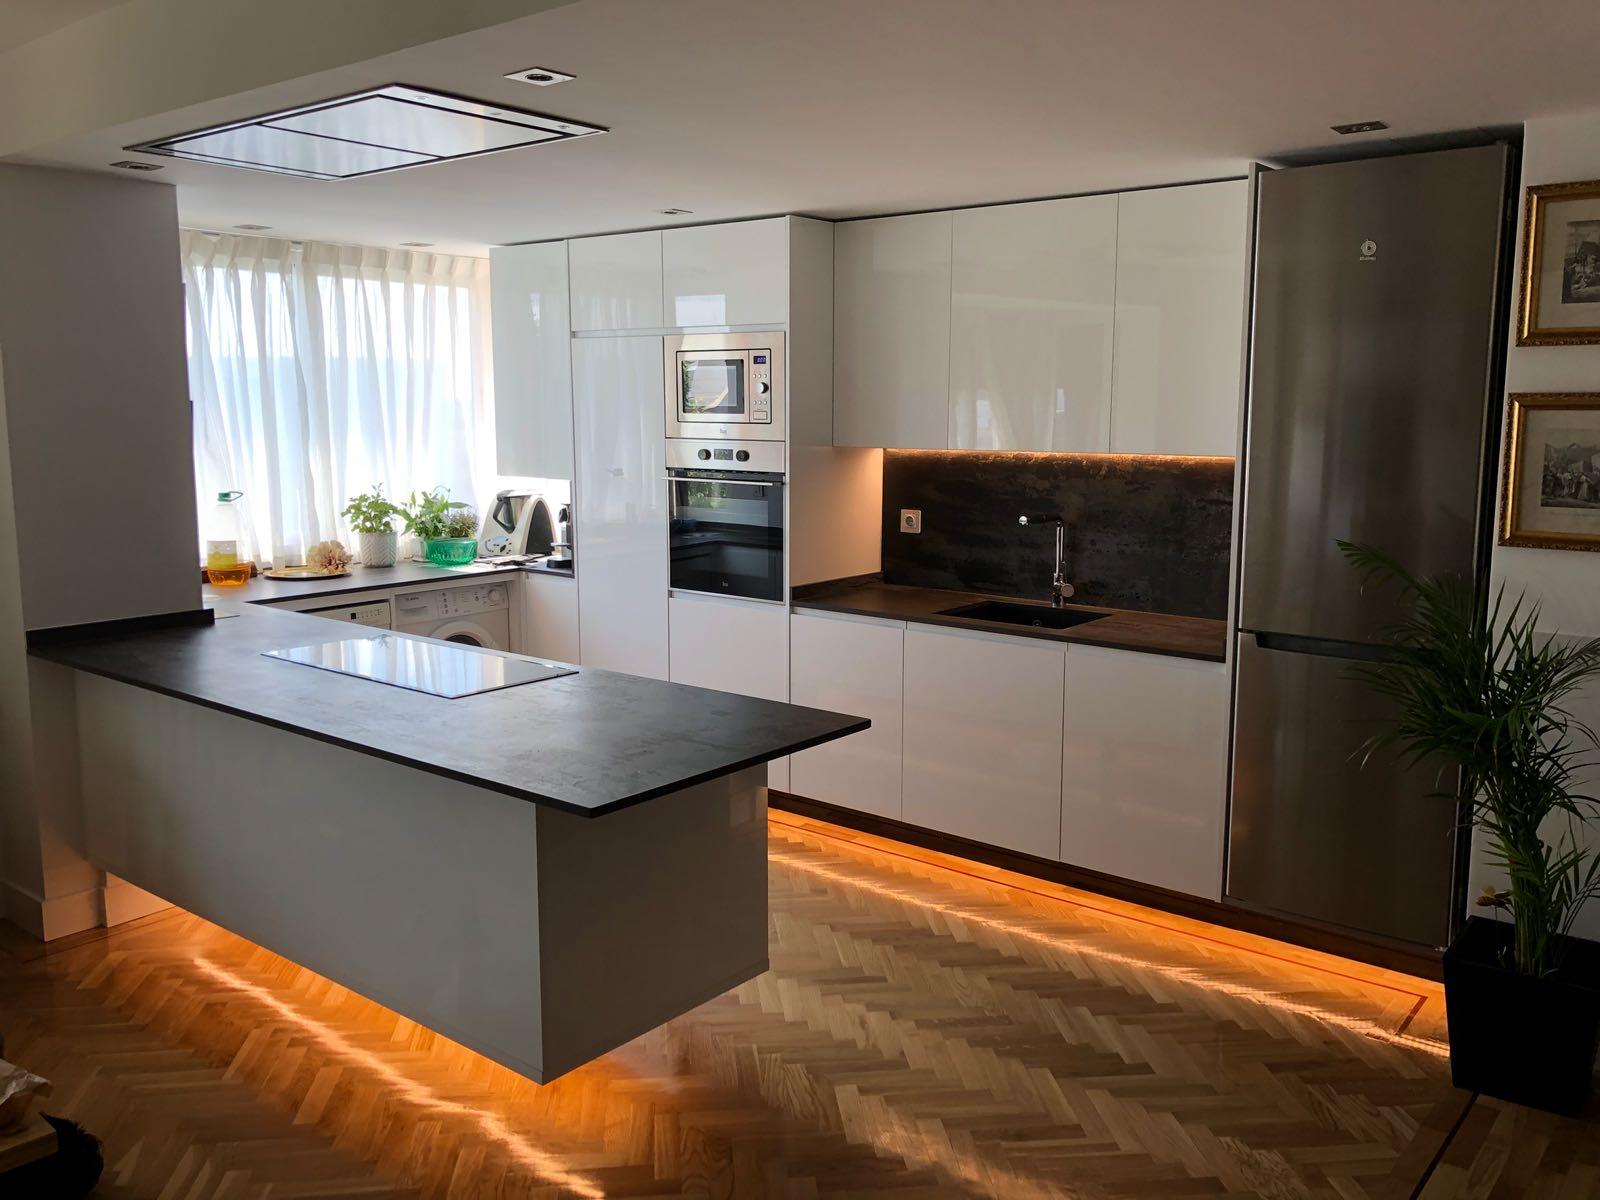 Dise o de cocina moderna peque a en madrid el corte maderero - Diseno cocinas modernas ...